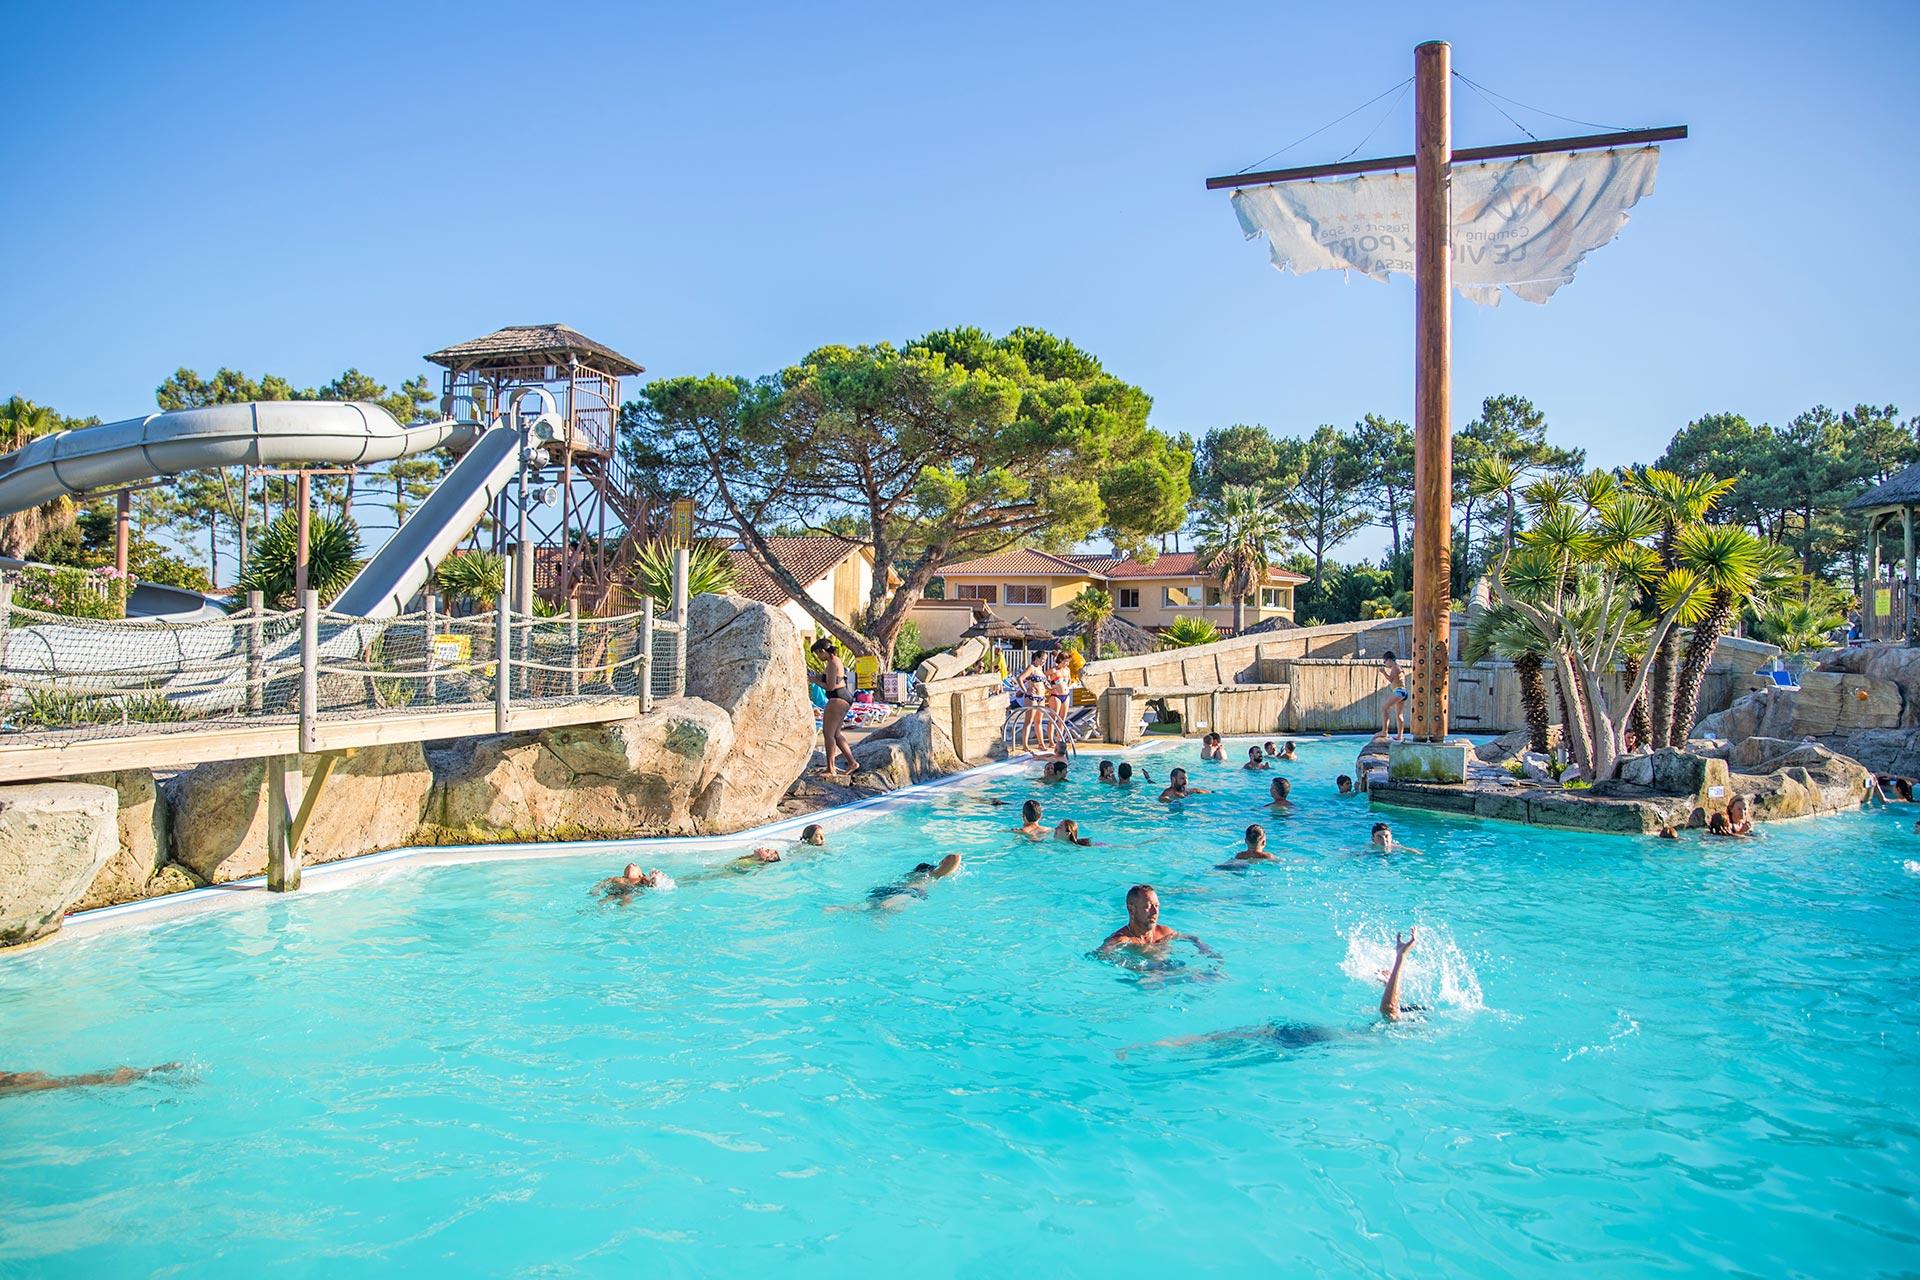 Camping Le Vieux Port ***** - Locations De Vacances Landes ... concernant Camping Landes Avec Piscine